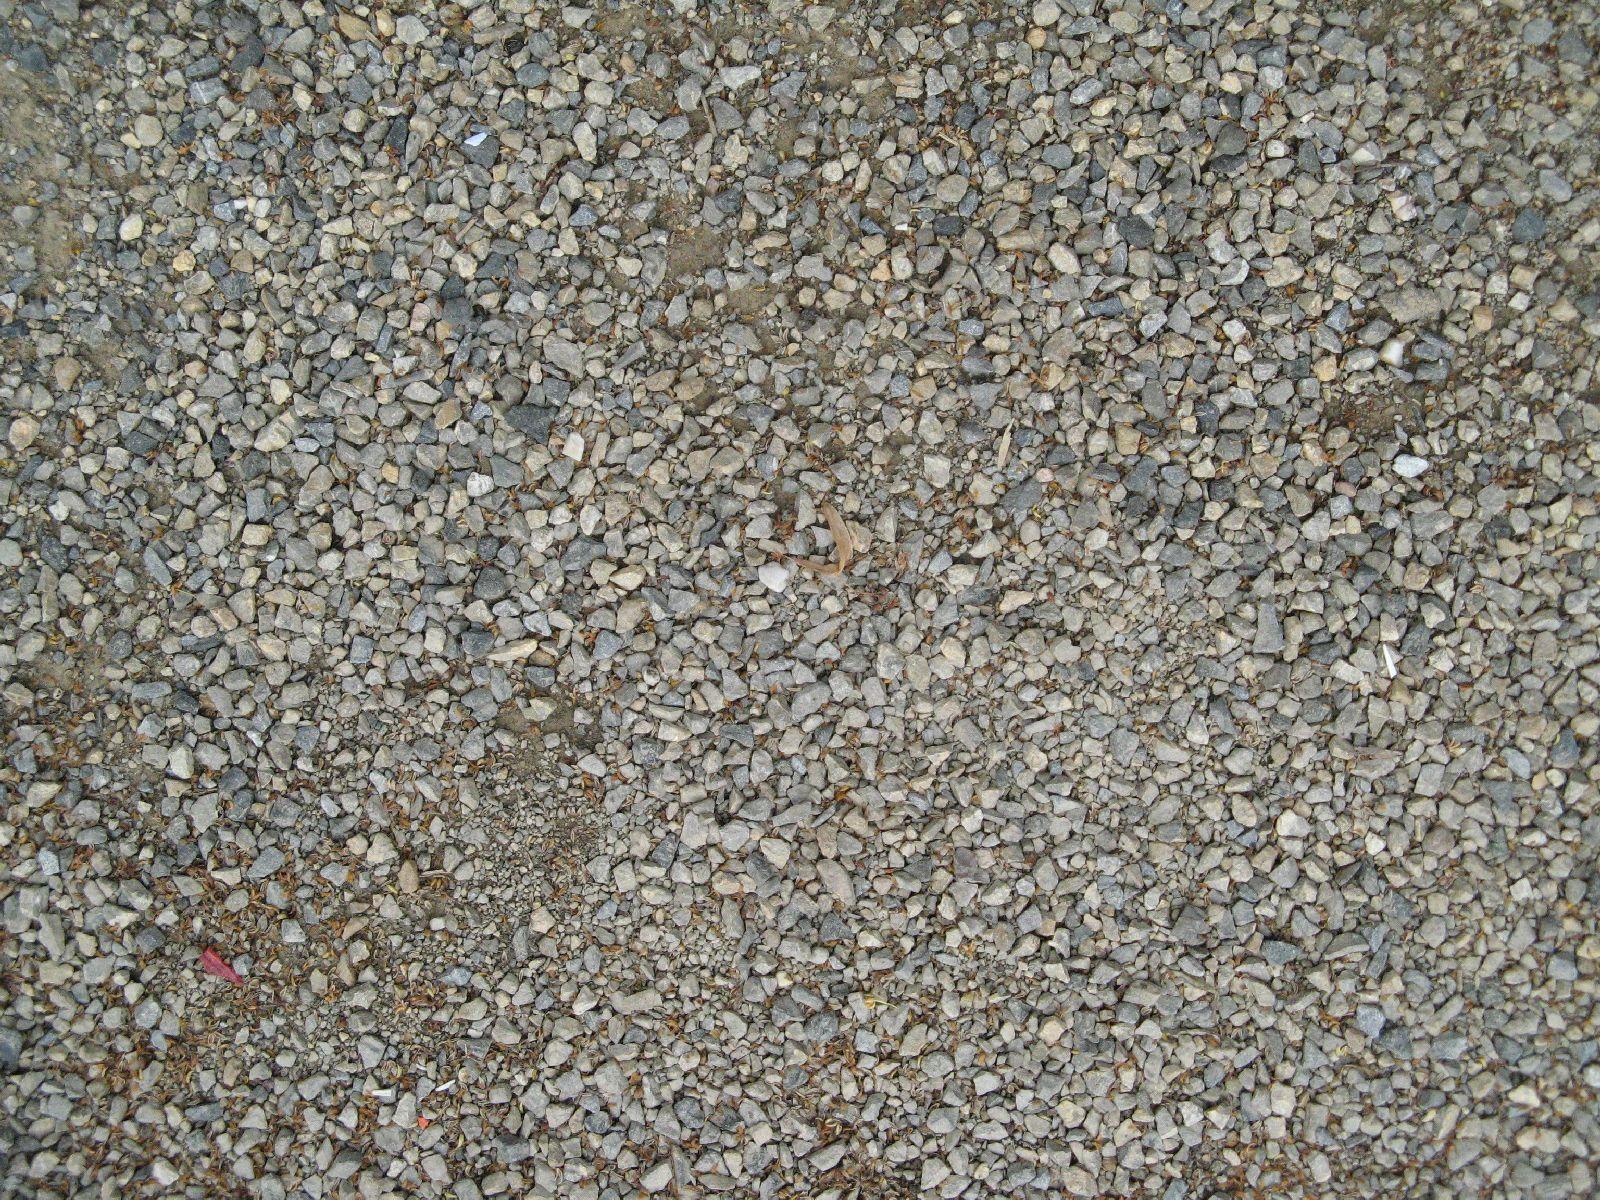 Ground-Urban_Texture_B_0412